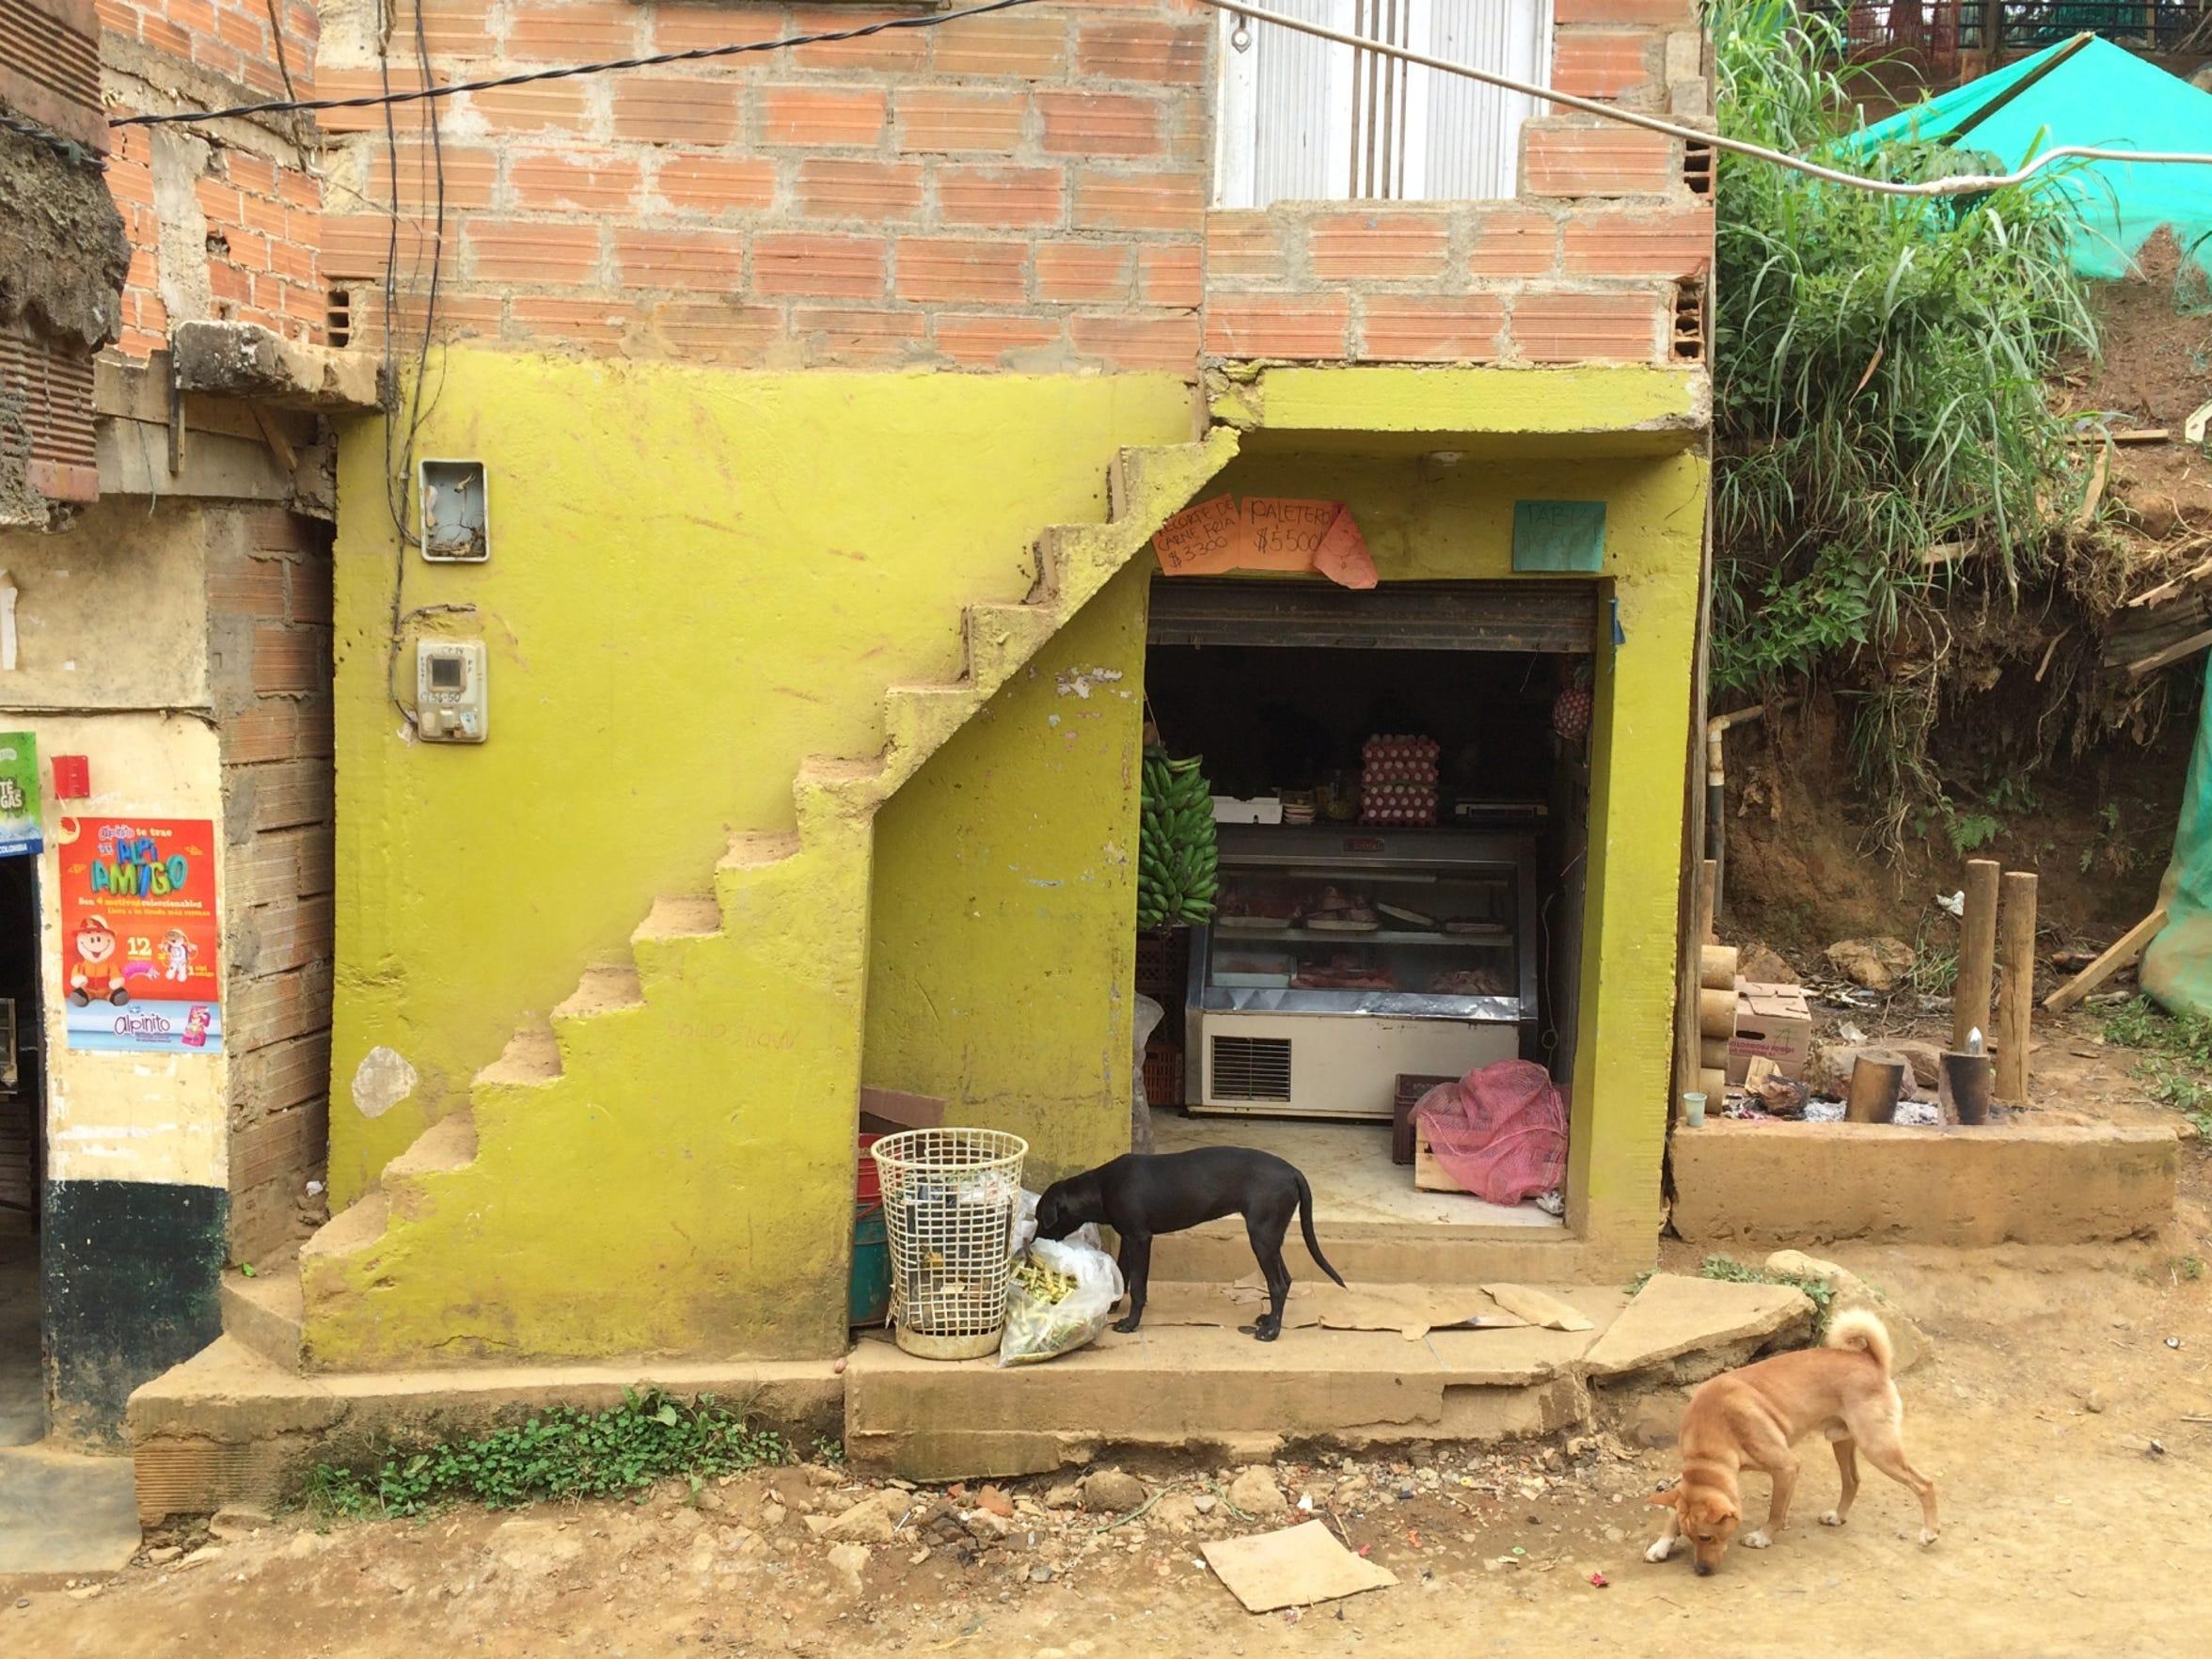 A  tienda, or small store, located in Villatina, La